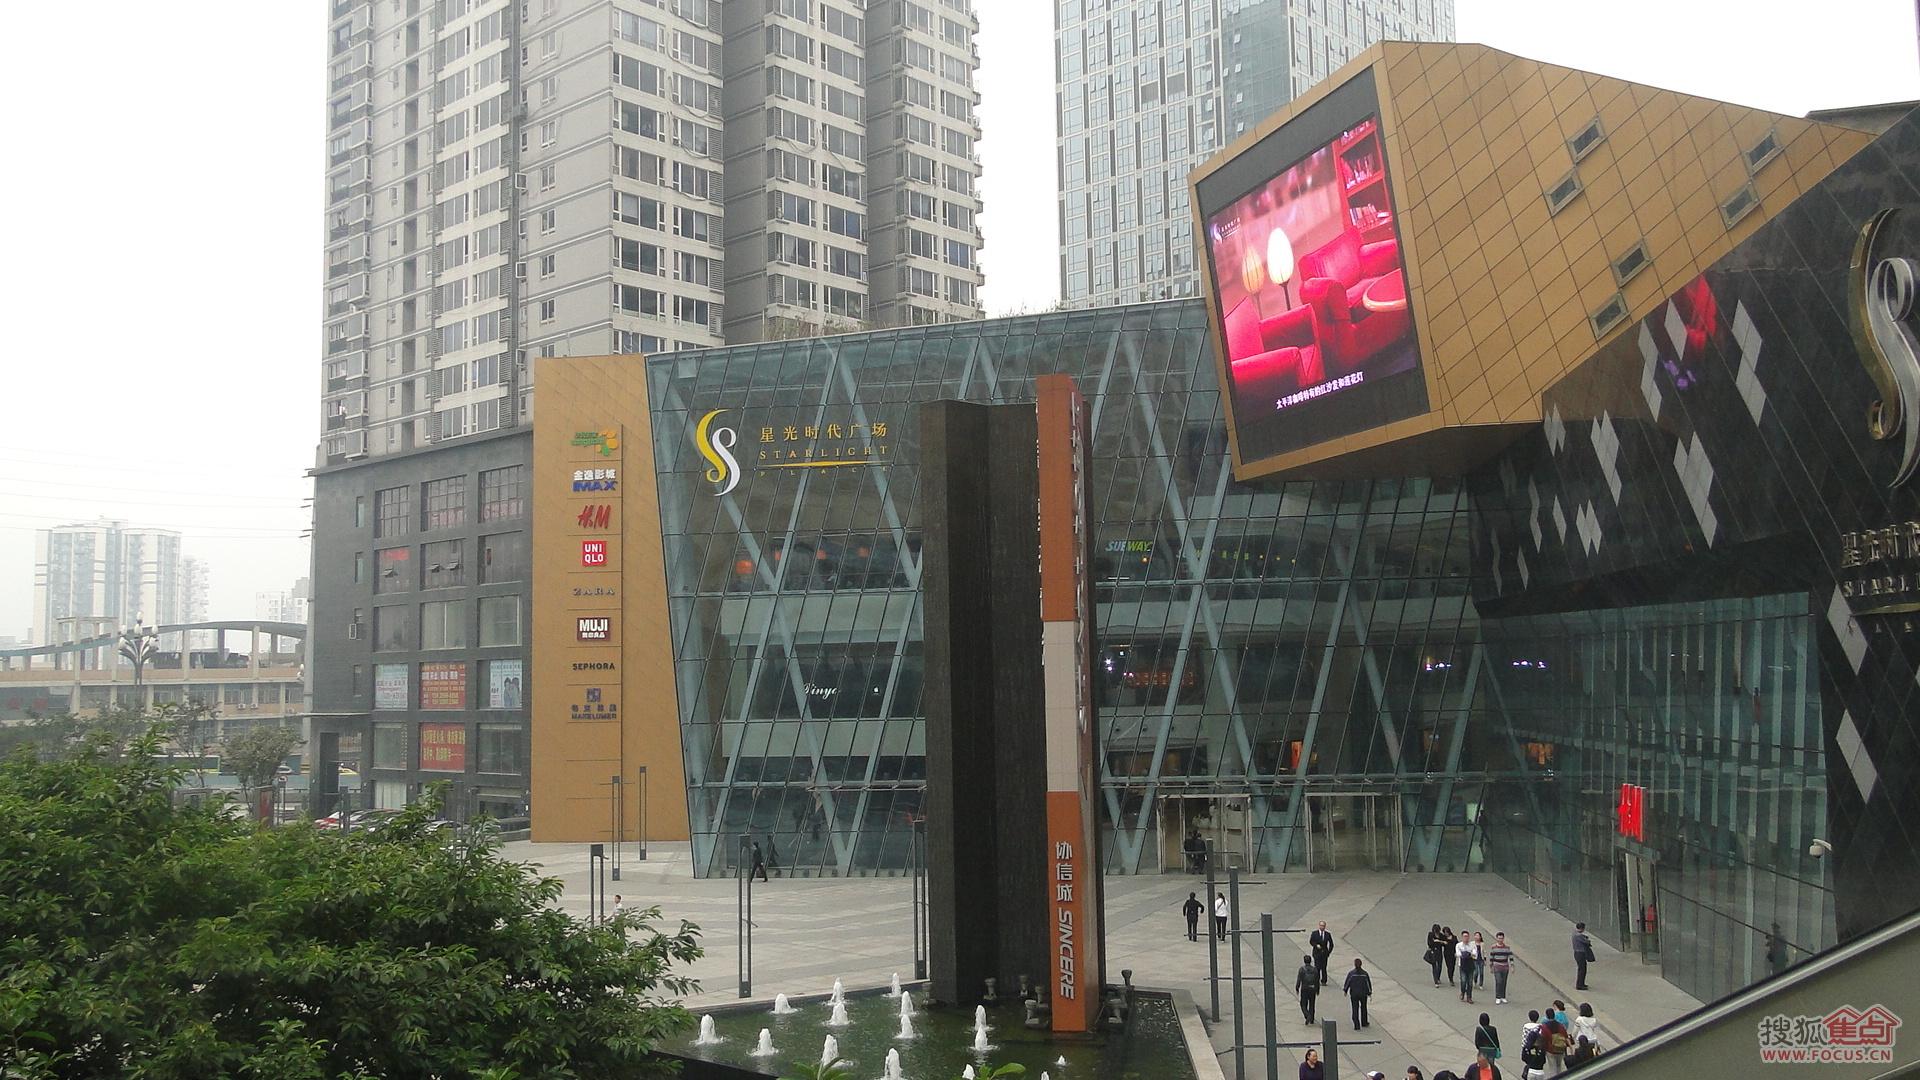 南坪步行街租售信息-重庆商铺-商业地产-搜狐焦点网